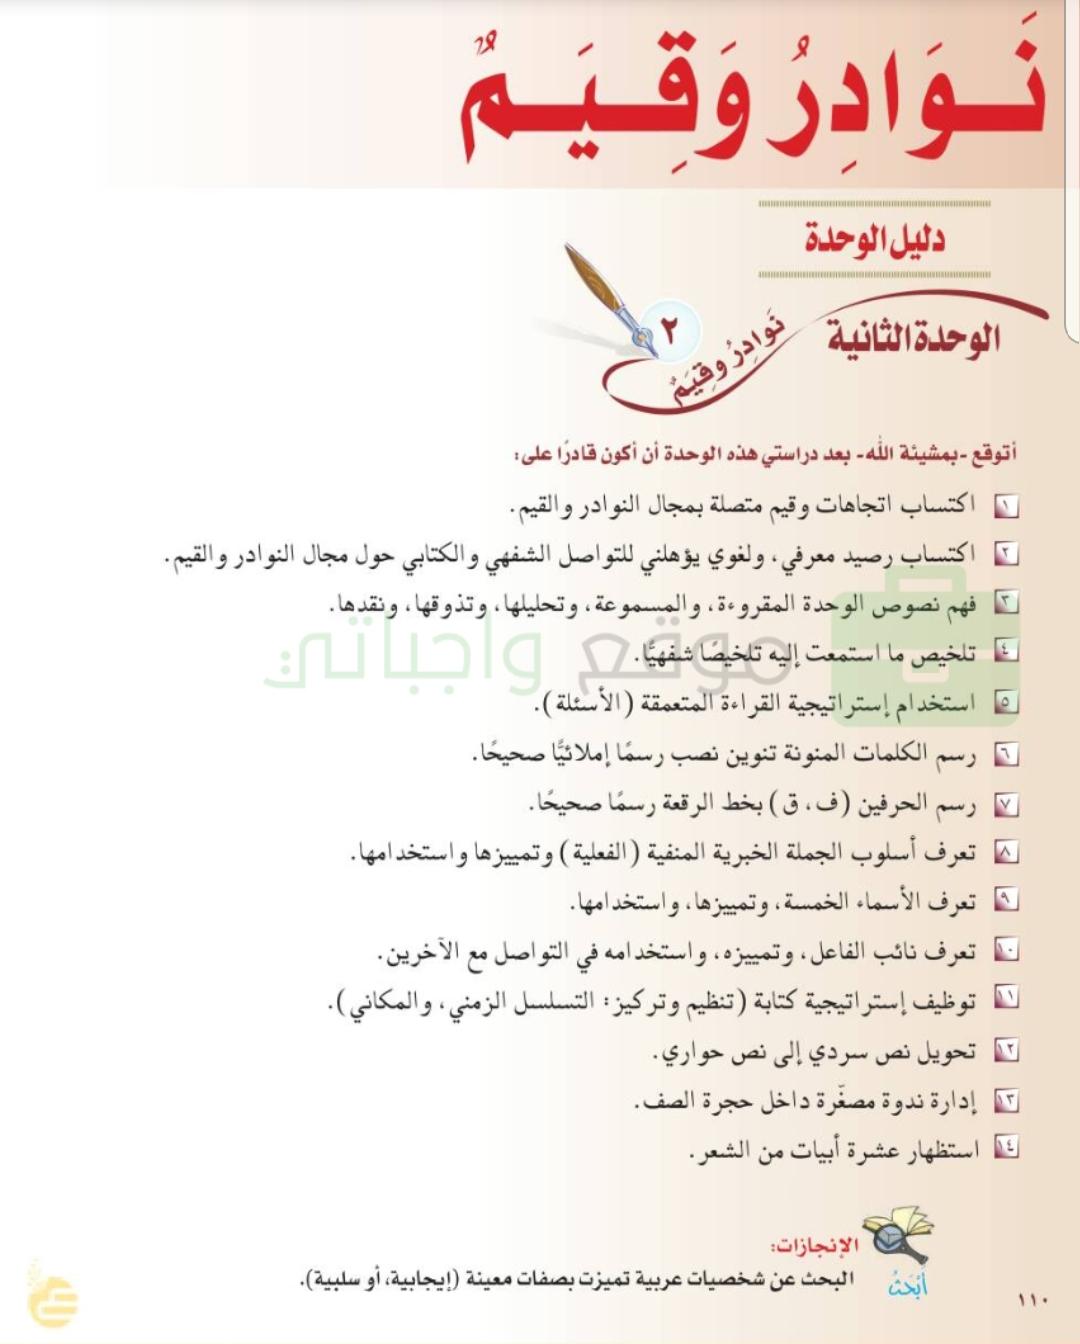 البحث عن شخصيات عربية تميزت بصفات معينة ايجابية وسلبية الموقع المثالي